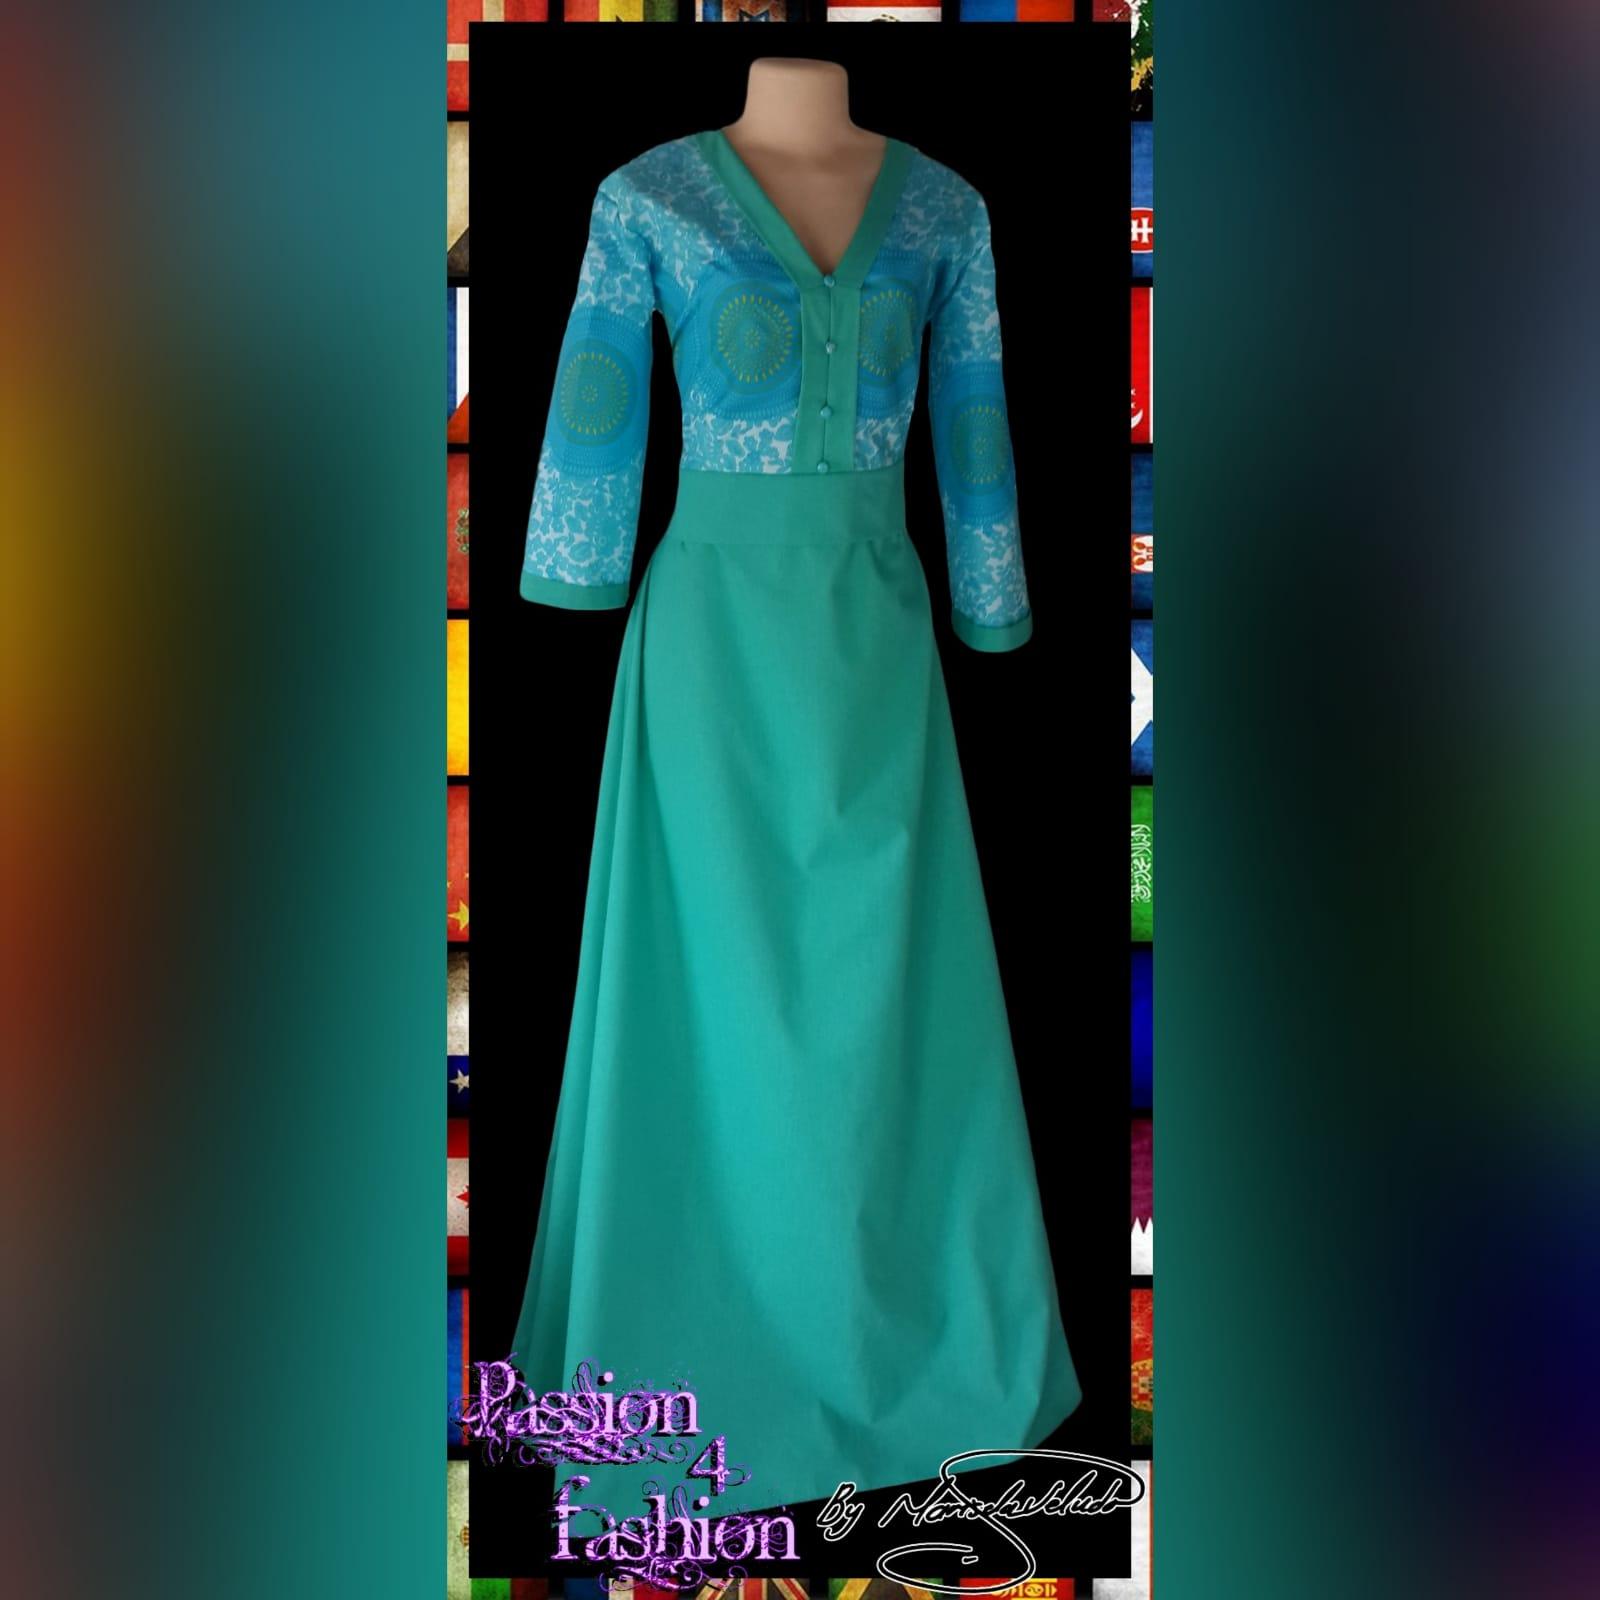 Mint green long modern traditional dress 1 mint green long modern traditional dress with 3/4 length sleeves